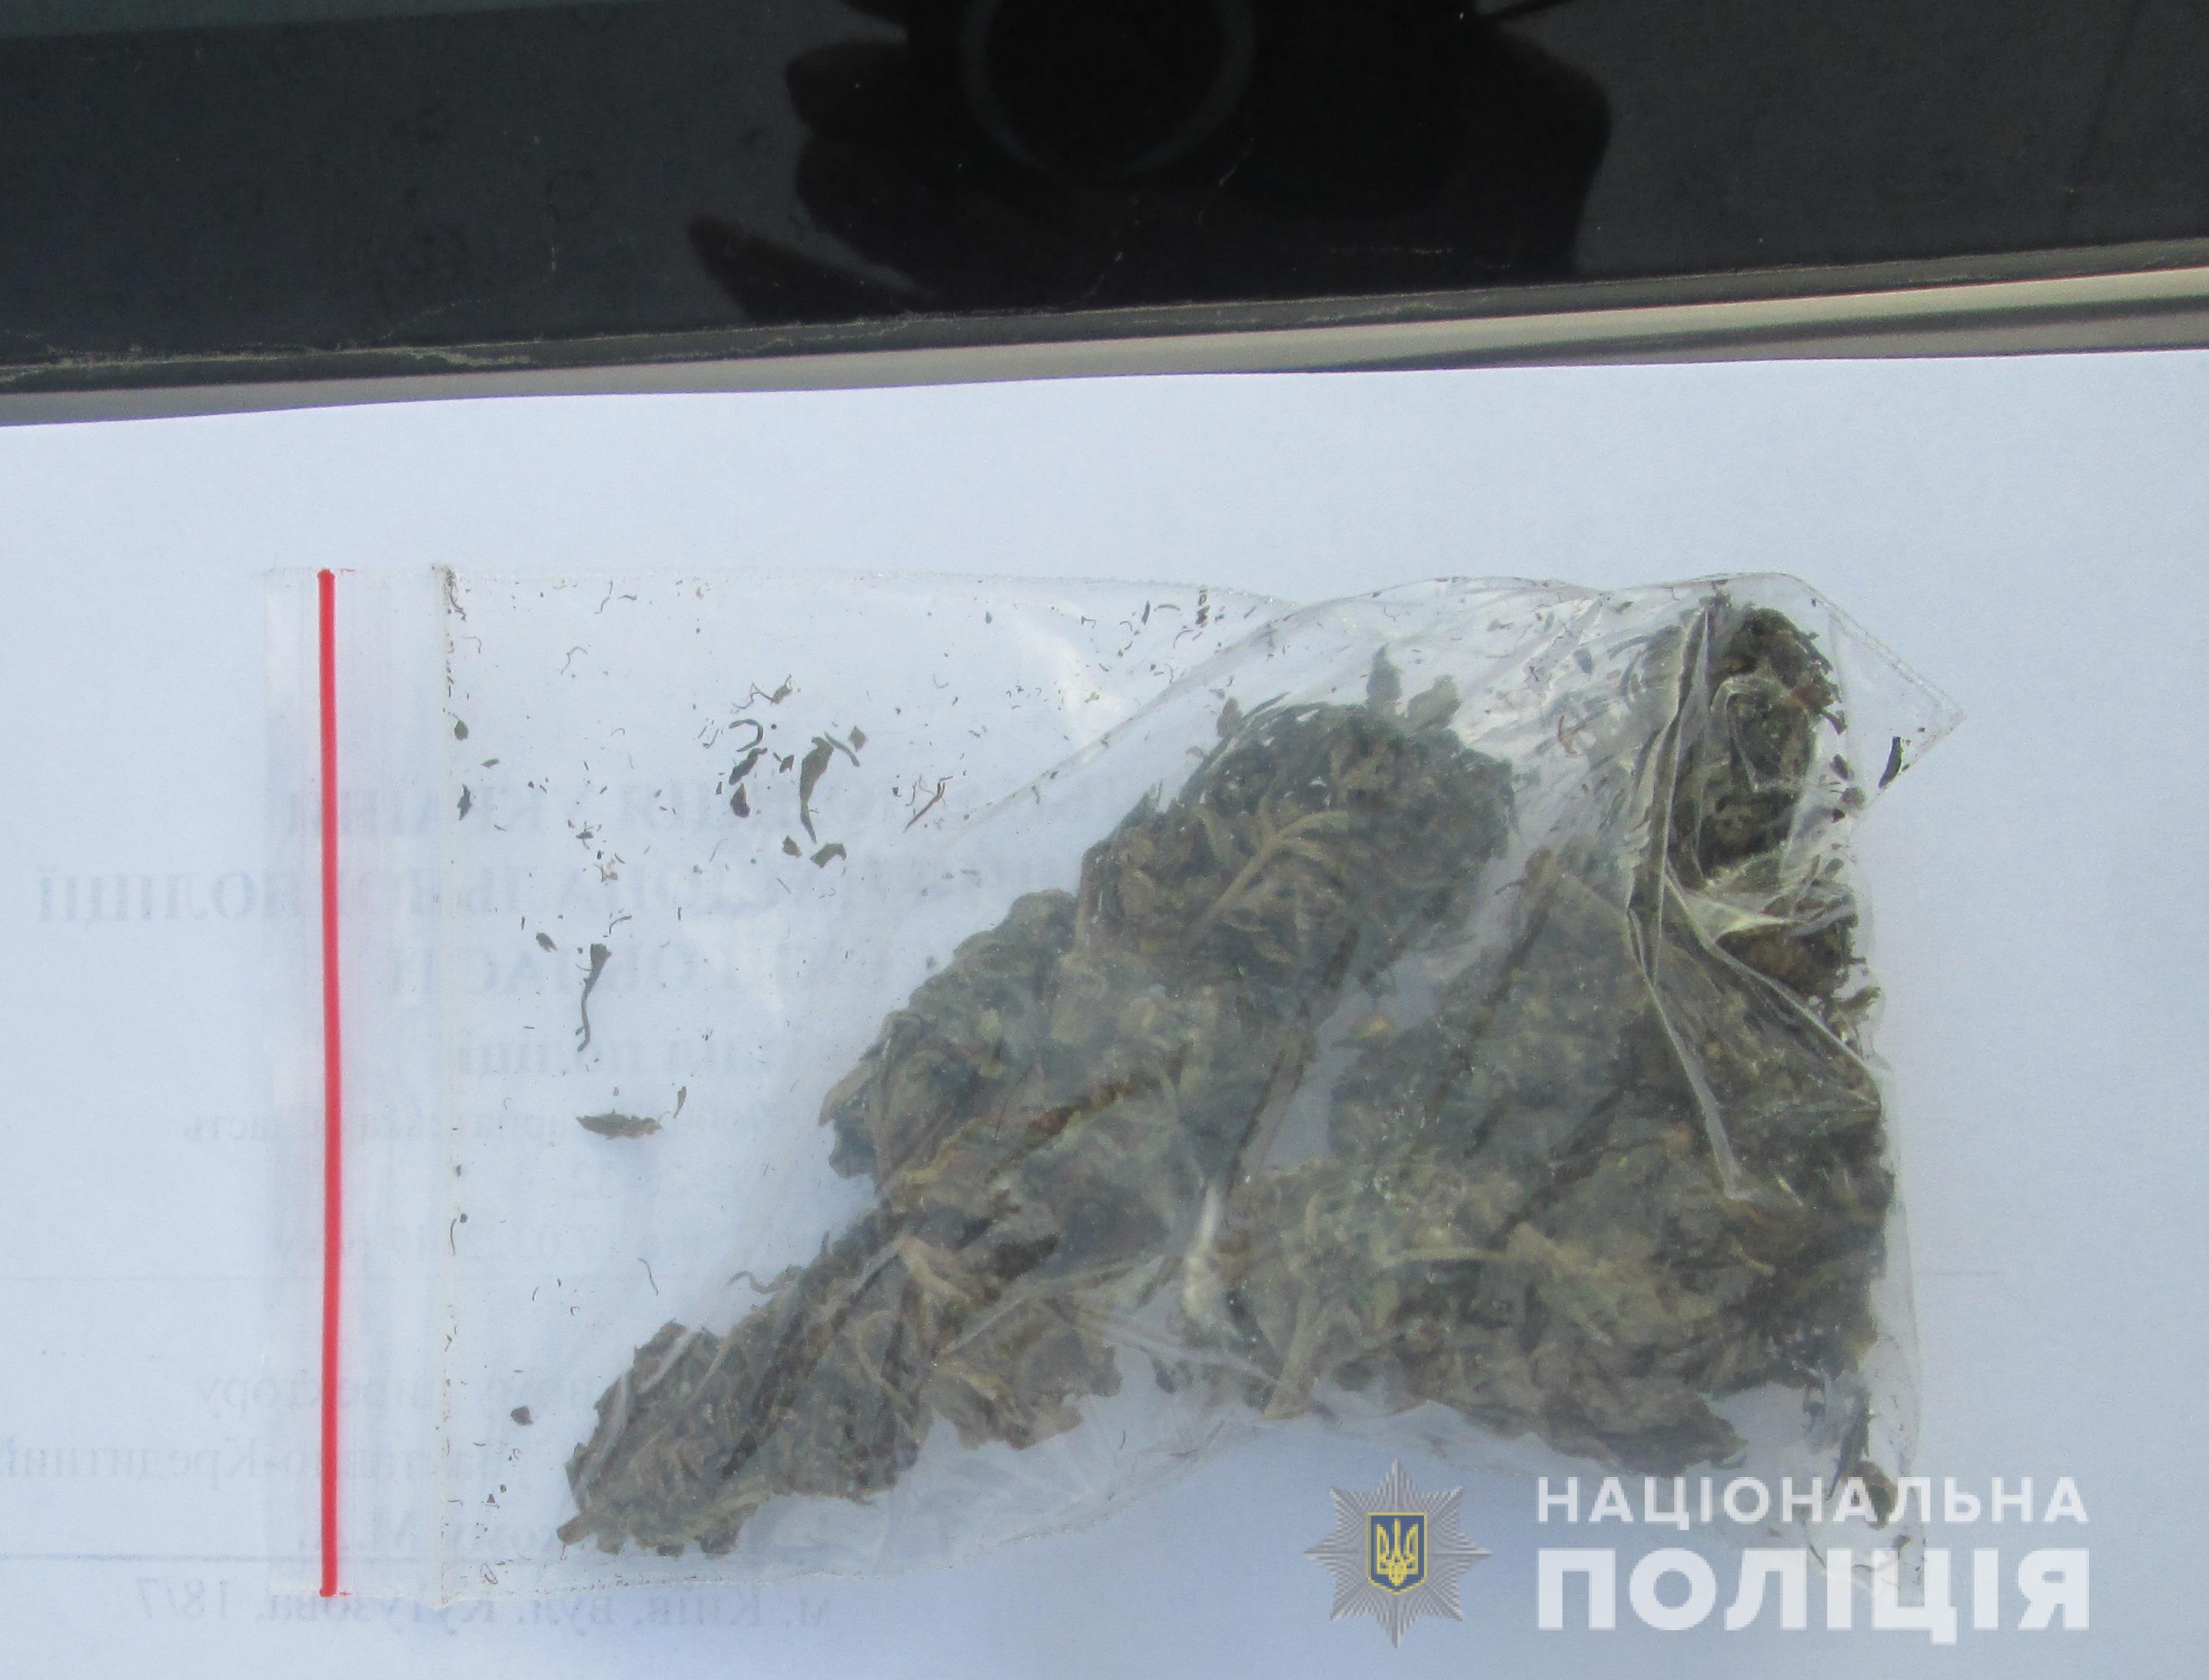 Поліцейські знайшли в машині закарпатця марихуану